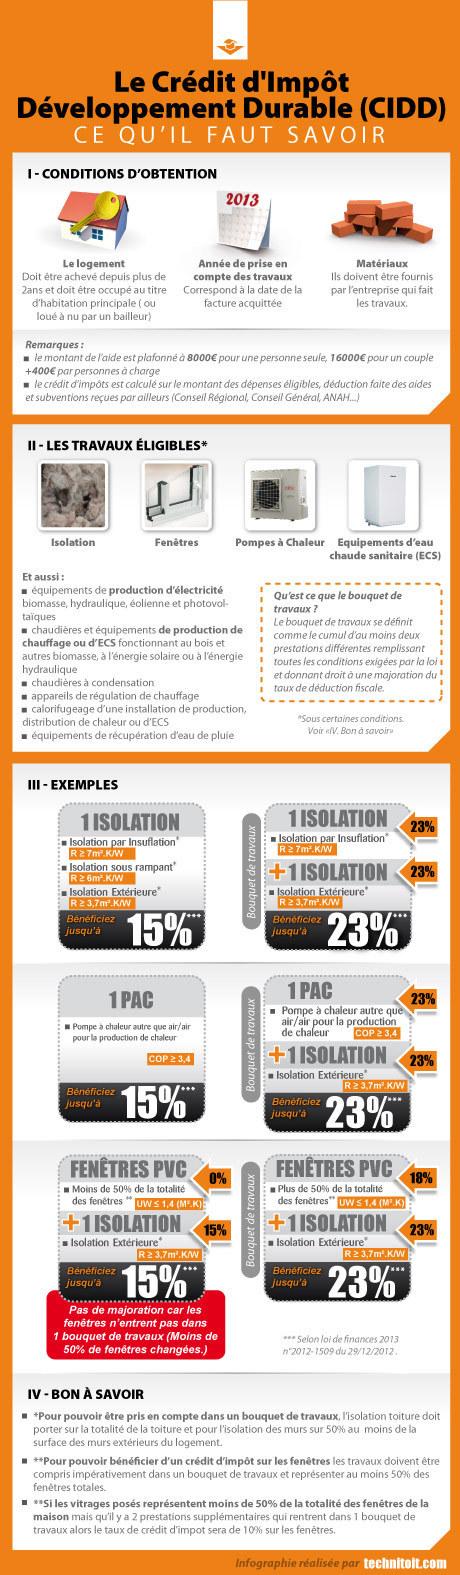 [infographie] Crédit d'impôt développement durable (CCID) version 2013   La Revue de Technitoit   Scoop.it